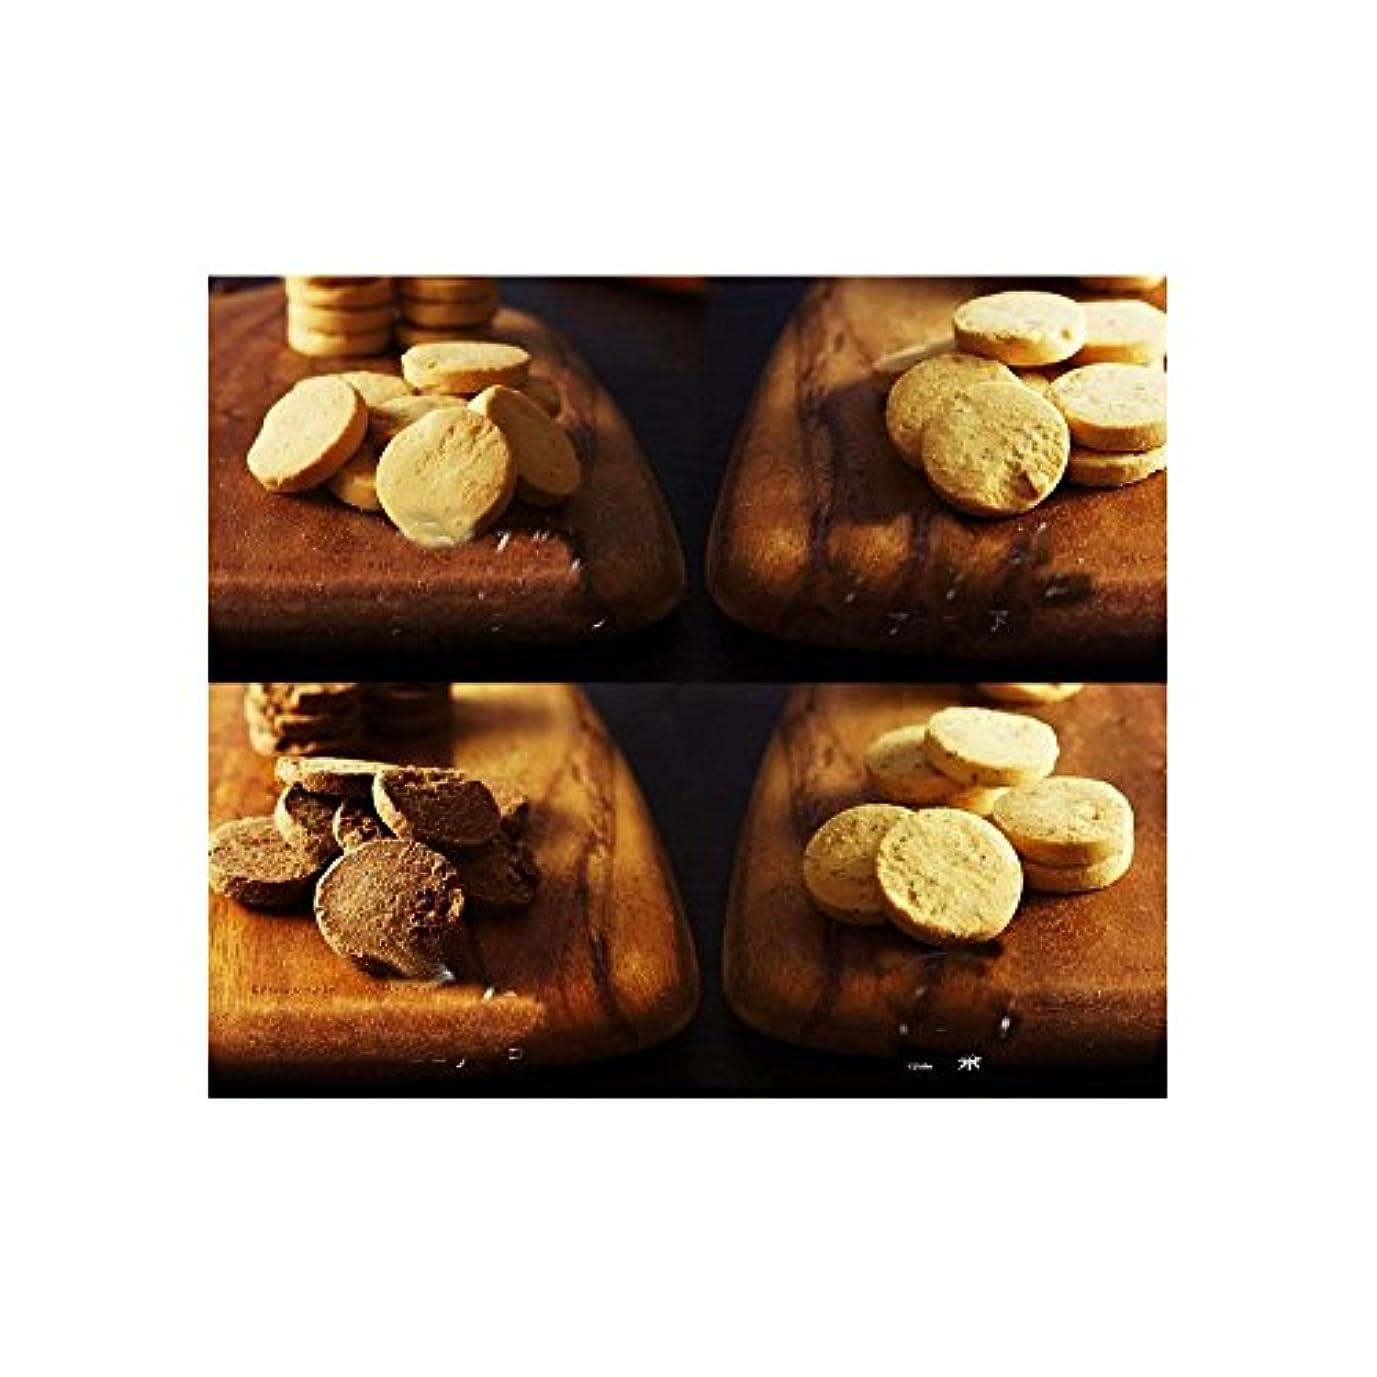 以前は所持編集者糖質を抑えた豆乳おからクッキー